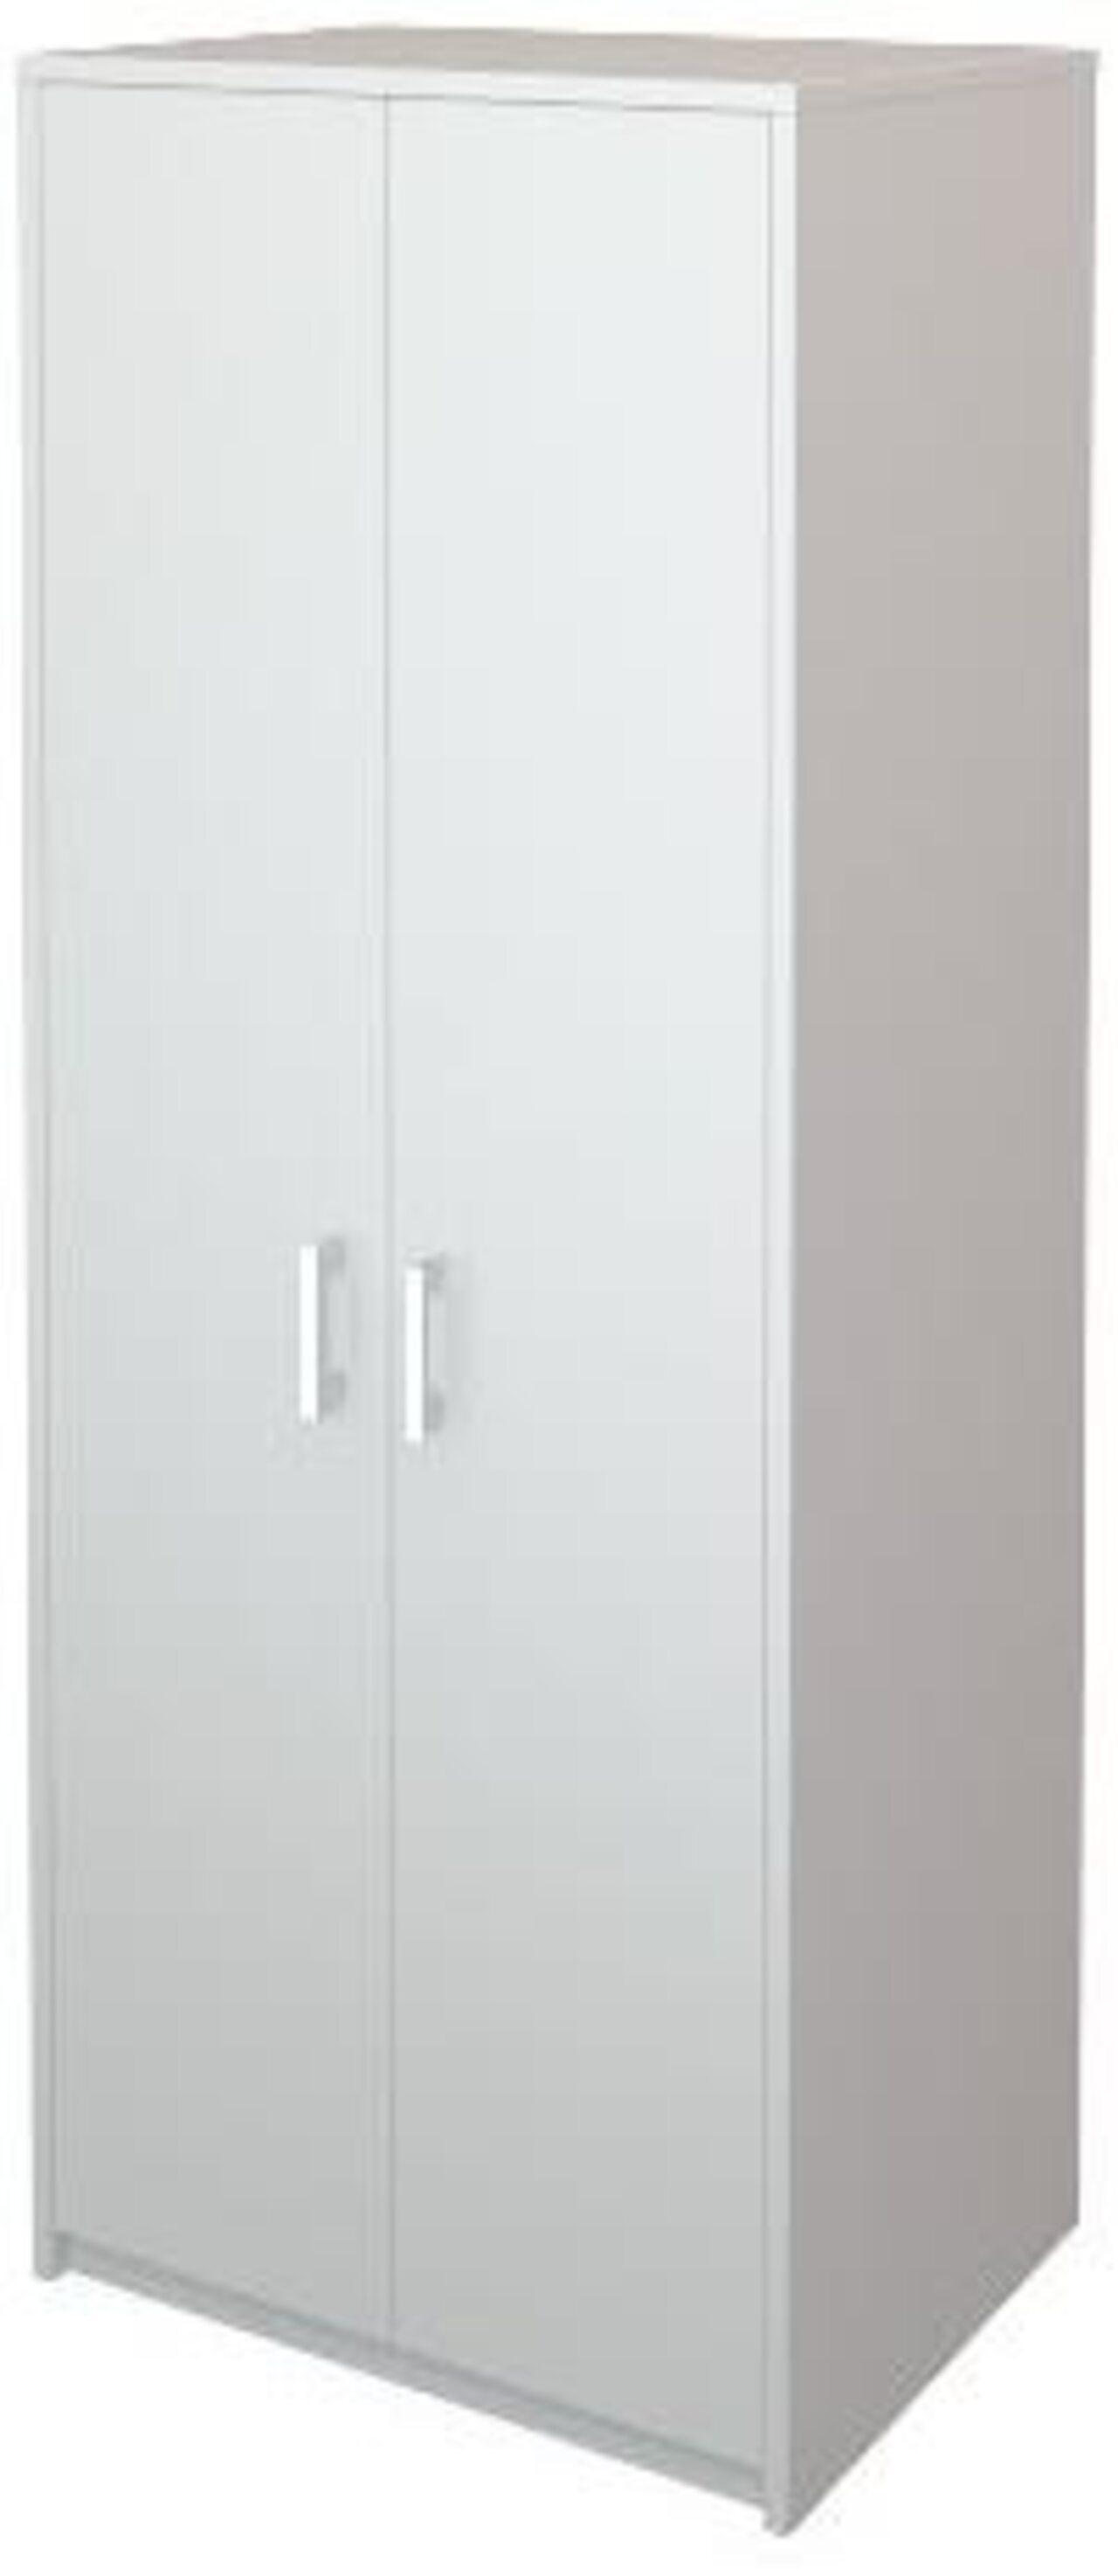 Шкаф для одежды  Арго 77x58x200 - фото 4